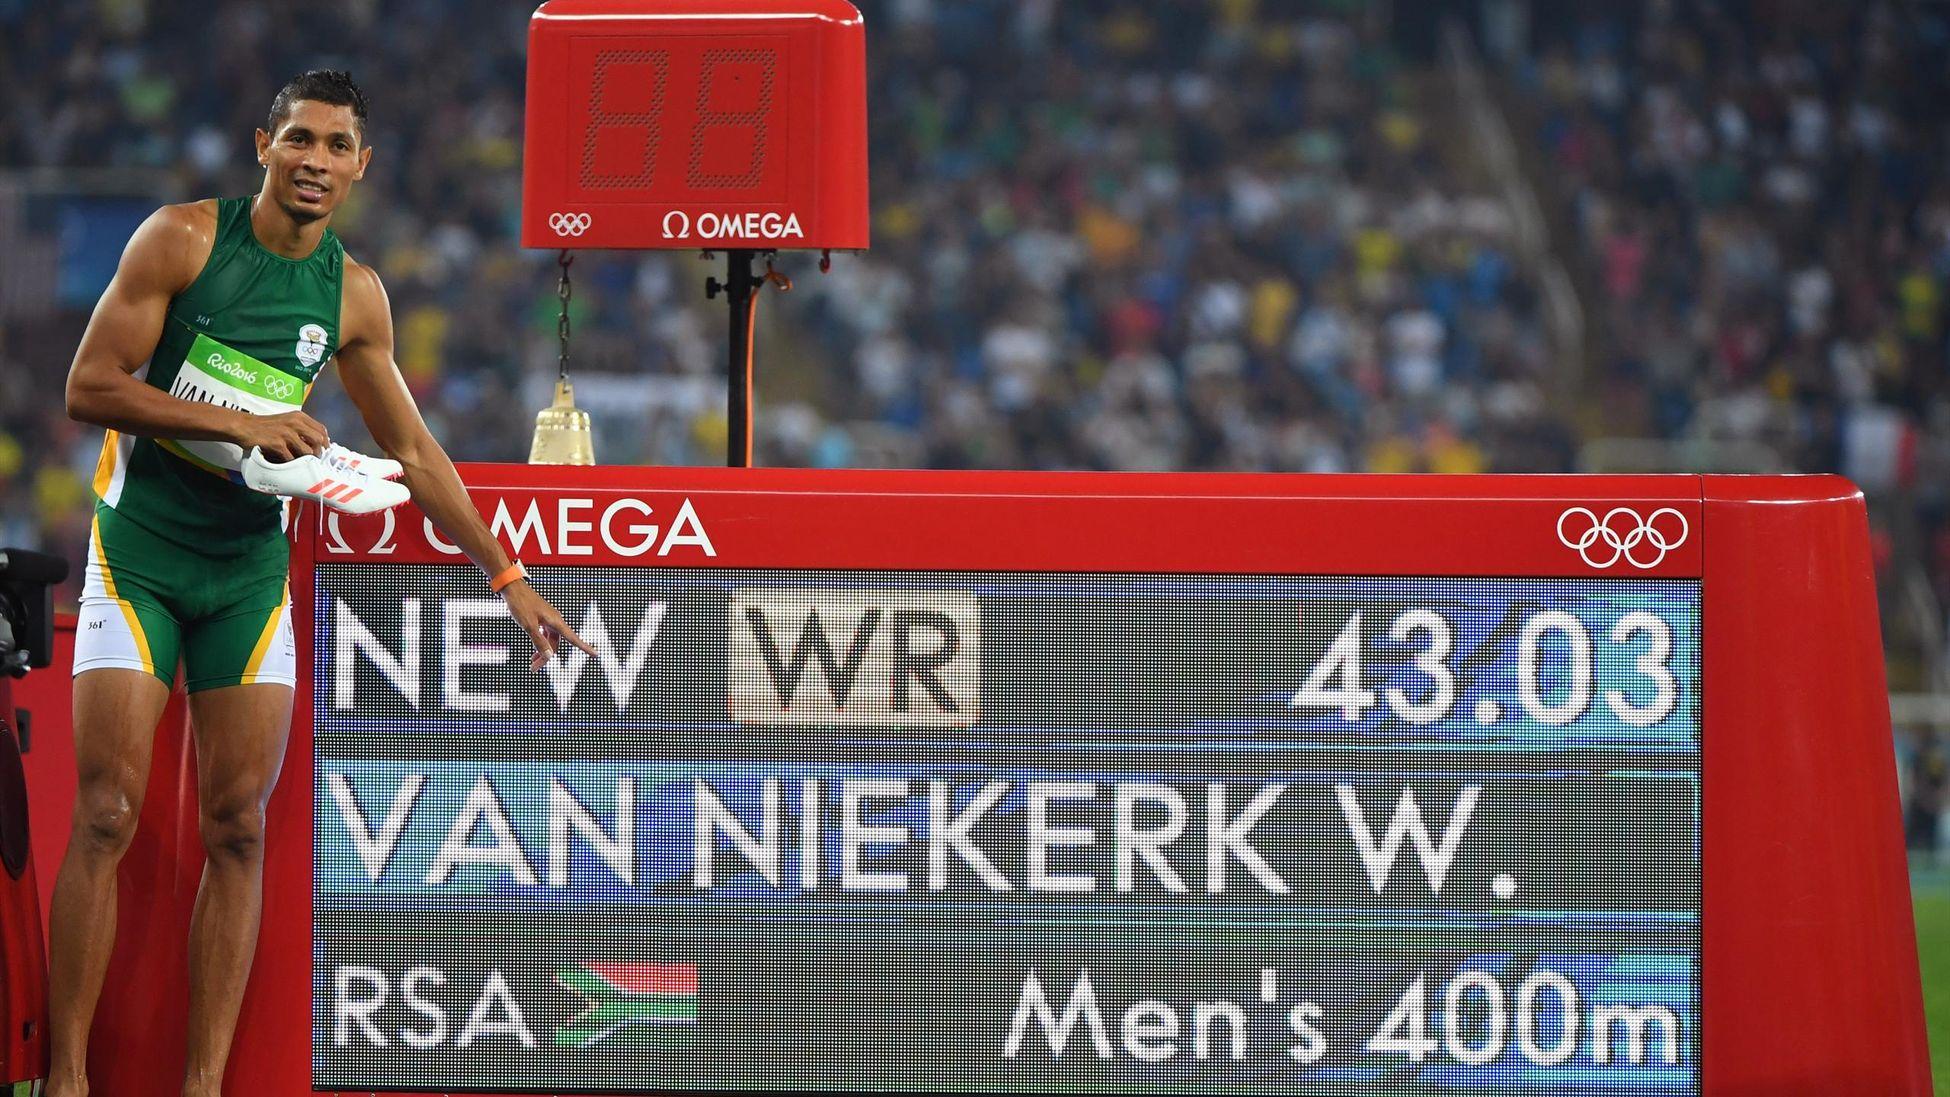 43''03 sur 400m : Van Niekerk efface Michael Johnson des tablettes et réussit la course du siècle